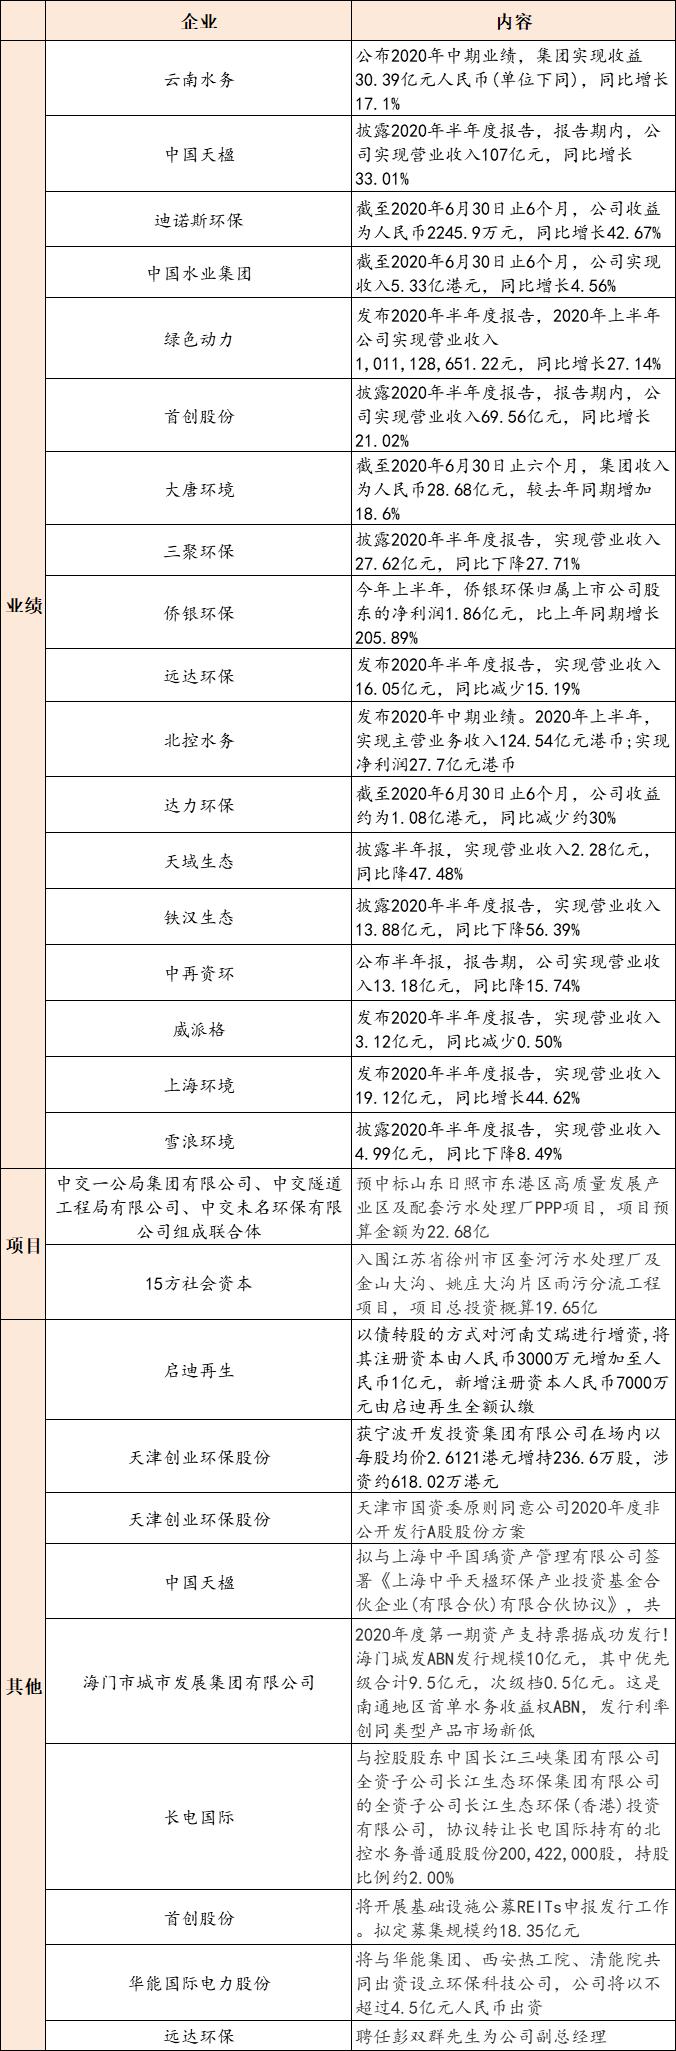 【8月31日环保要闻】预算近75亿,河北省定州市唐河流域综合治理PPP项目招标;首创股份、北控水务等多家企业发布2020年半年度报告插图(1)